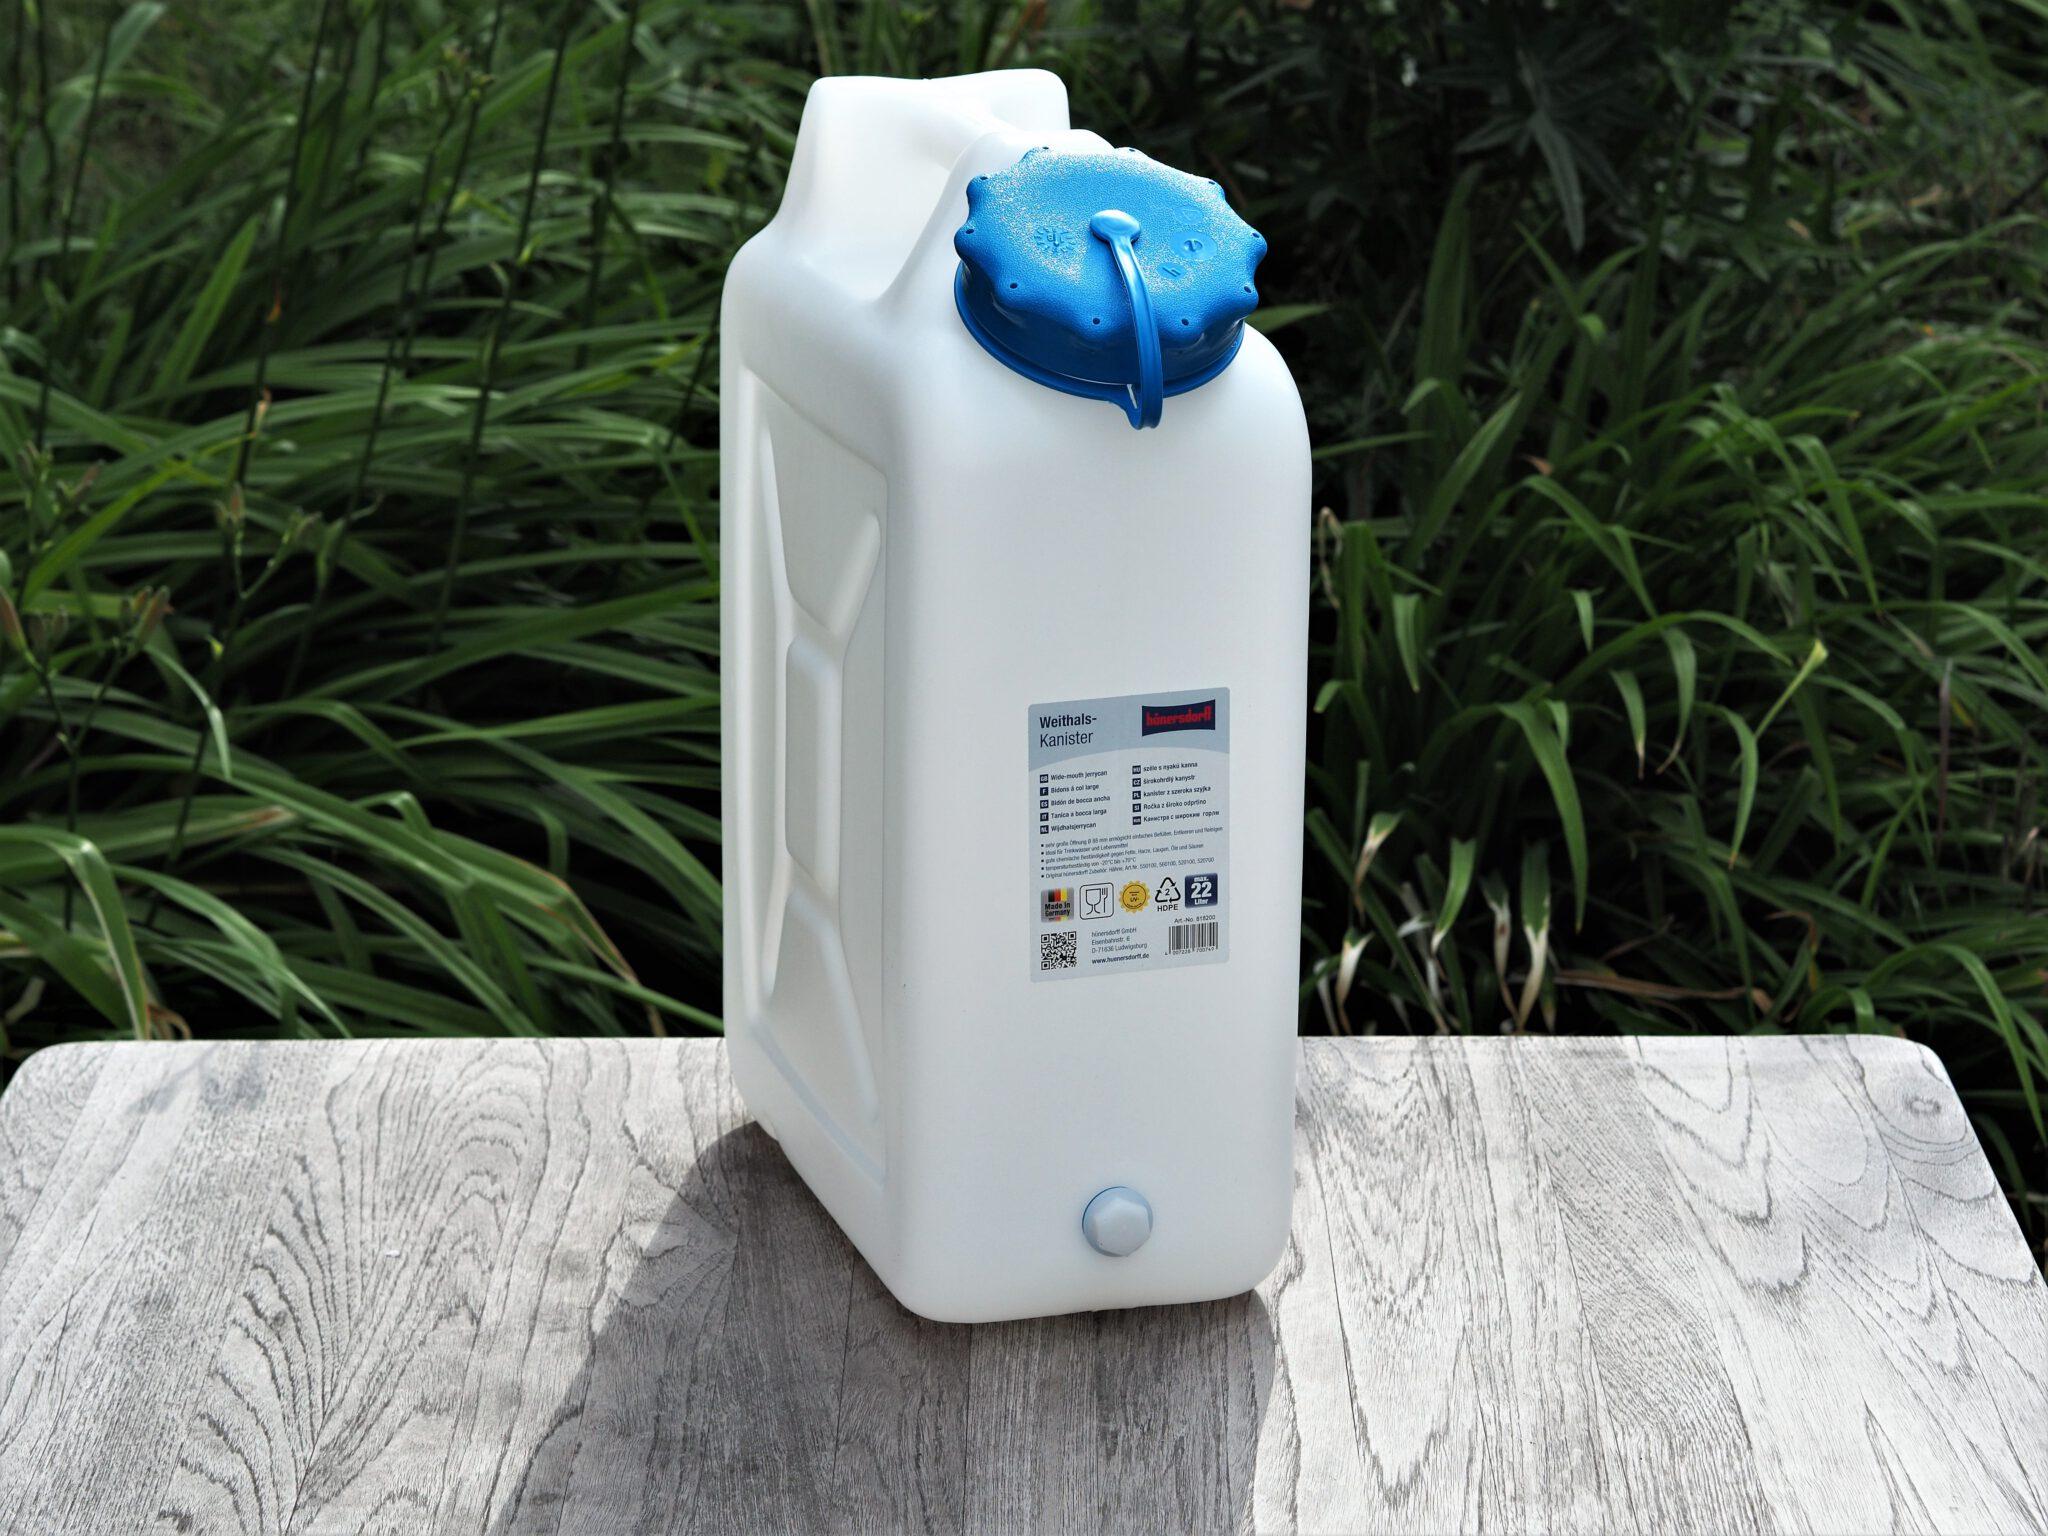 Wasserkanister von Hünersdorff